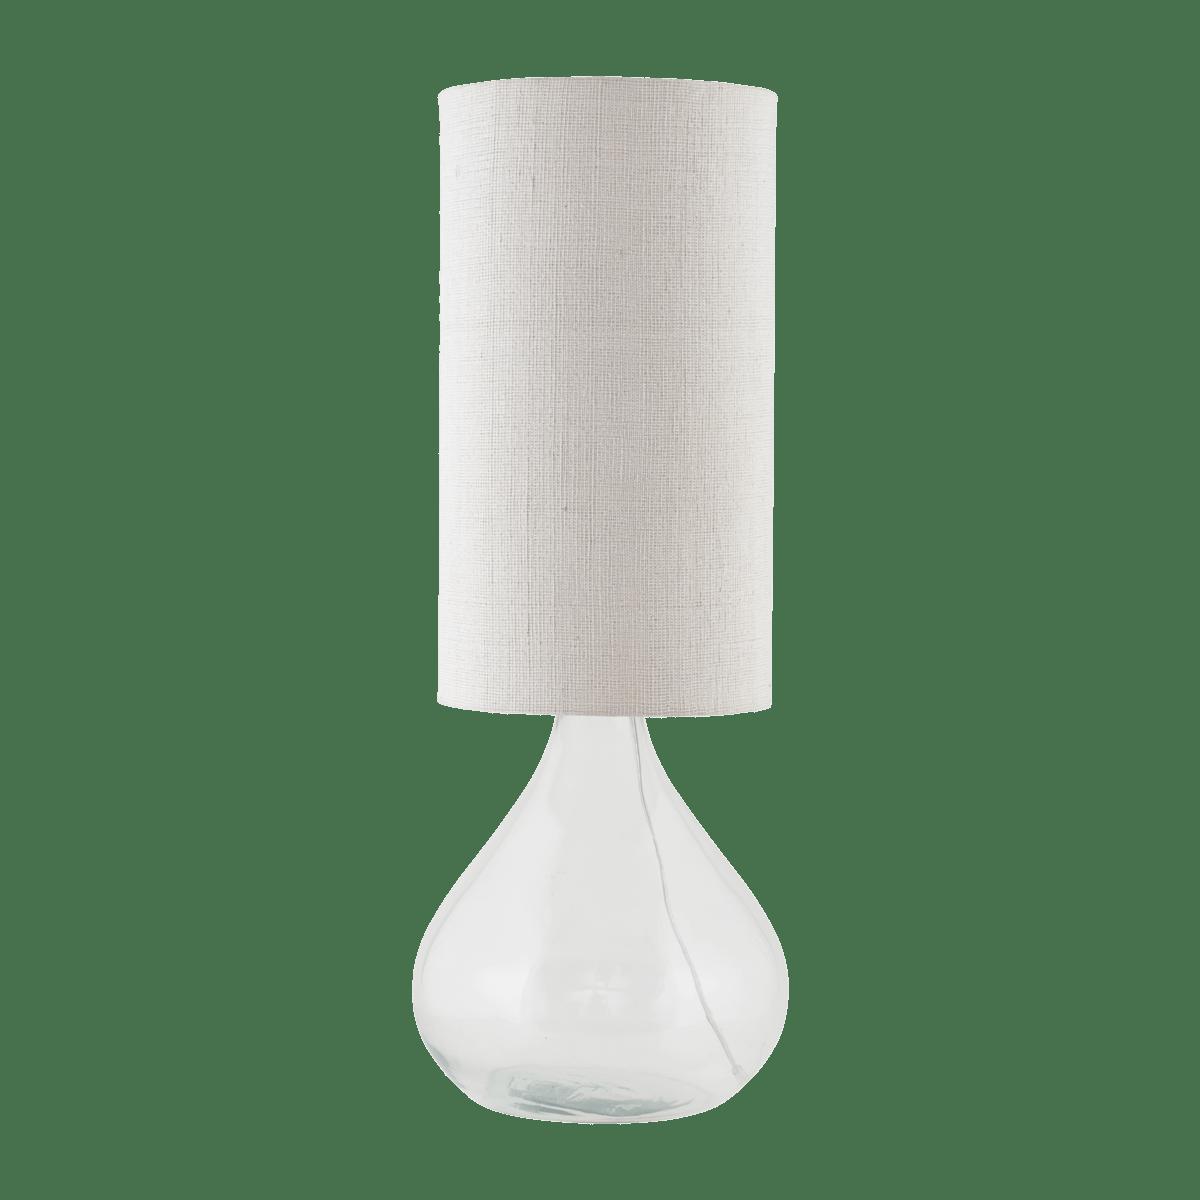 Bílé stínítko